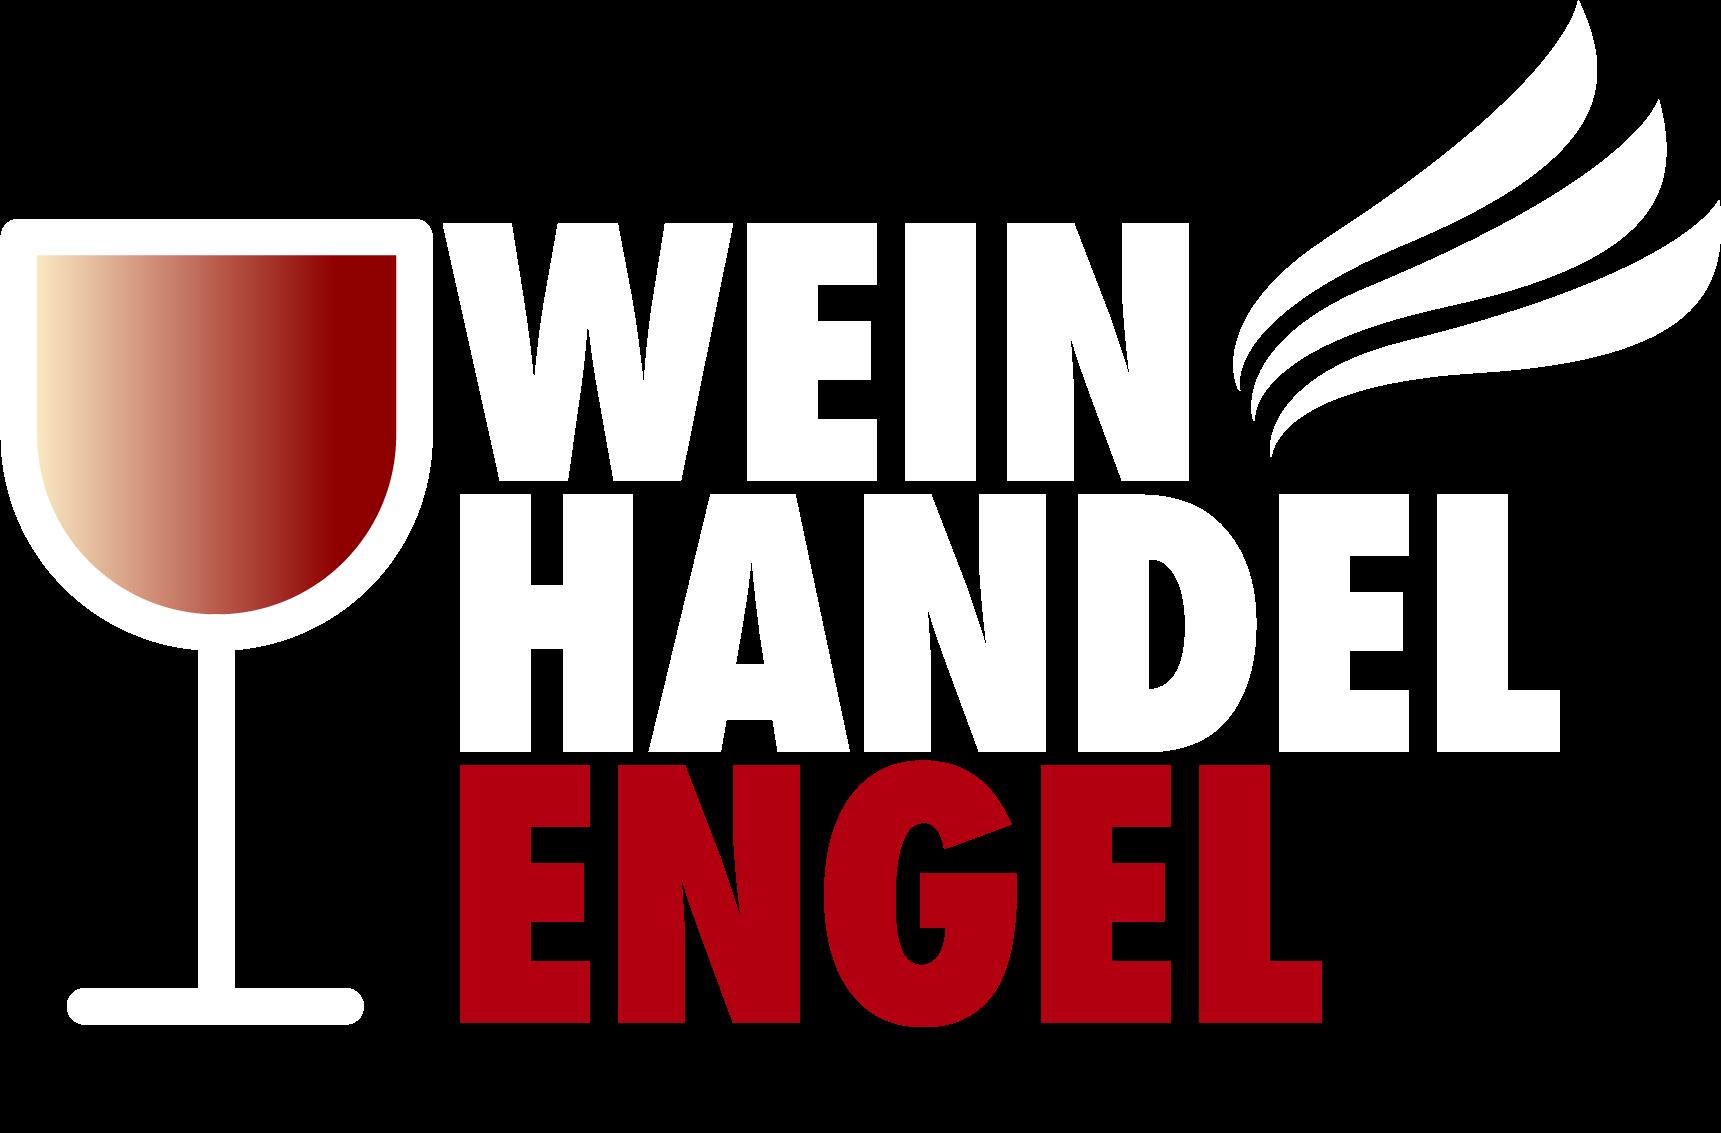 weinhandel-engel.de